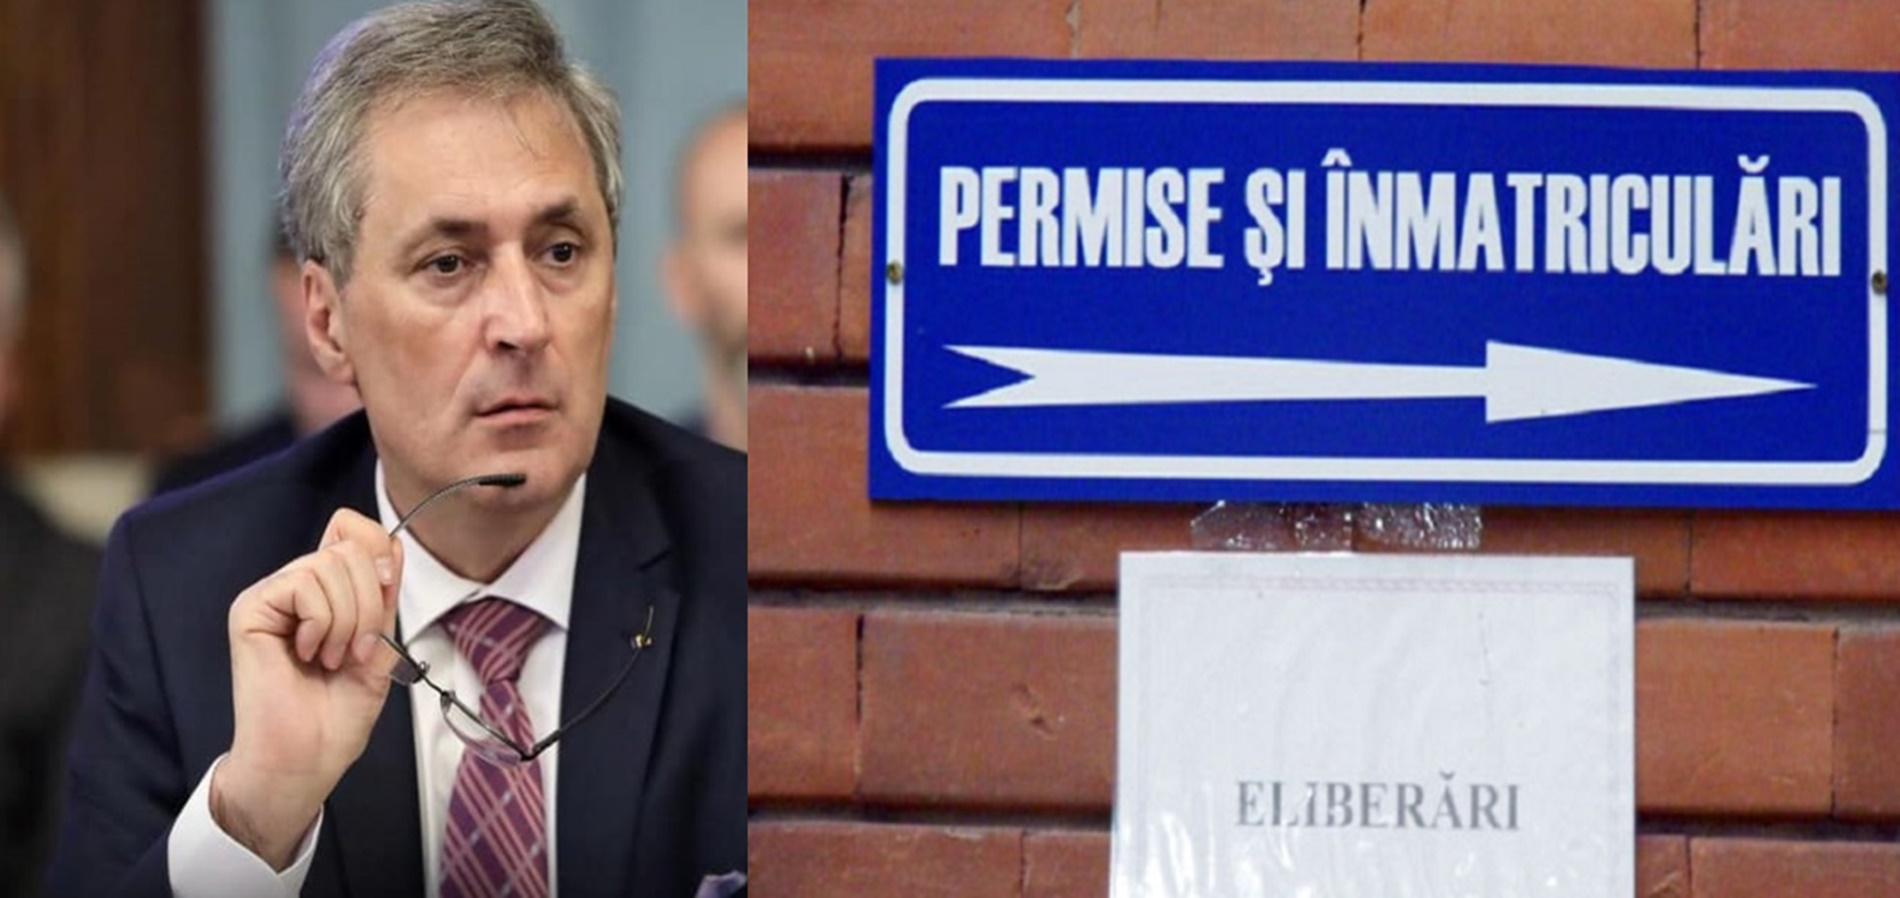 26 de sedii noi pentru înmatricularea vehiculelor în România